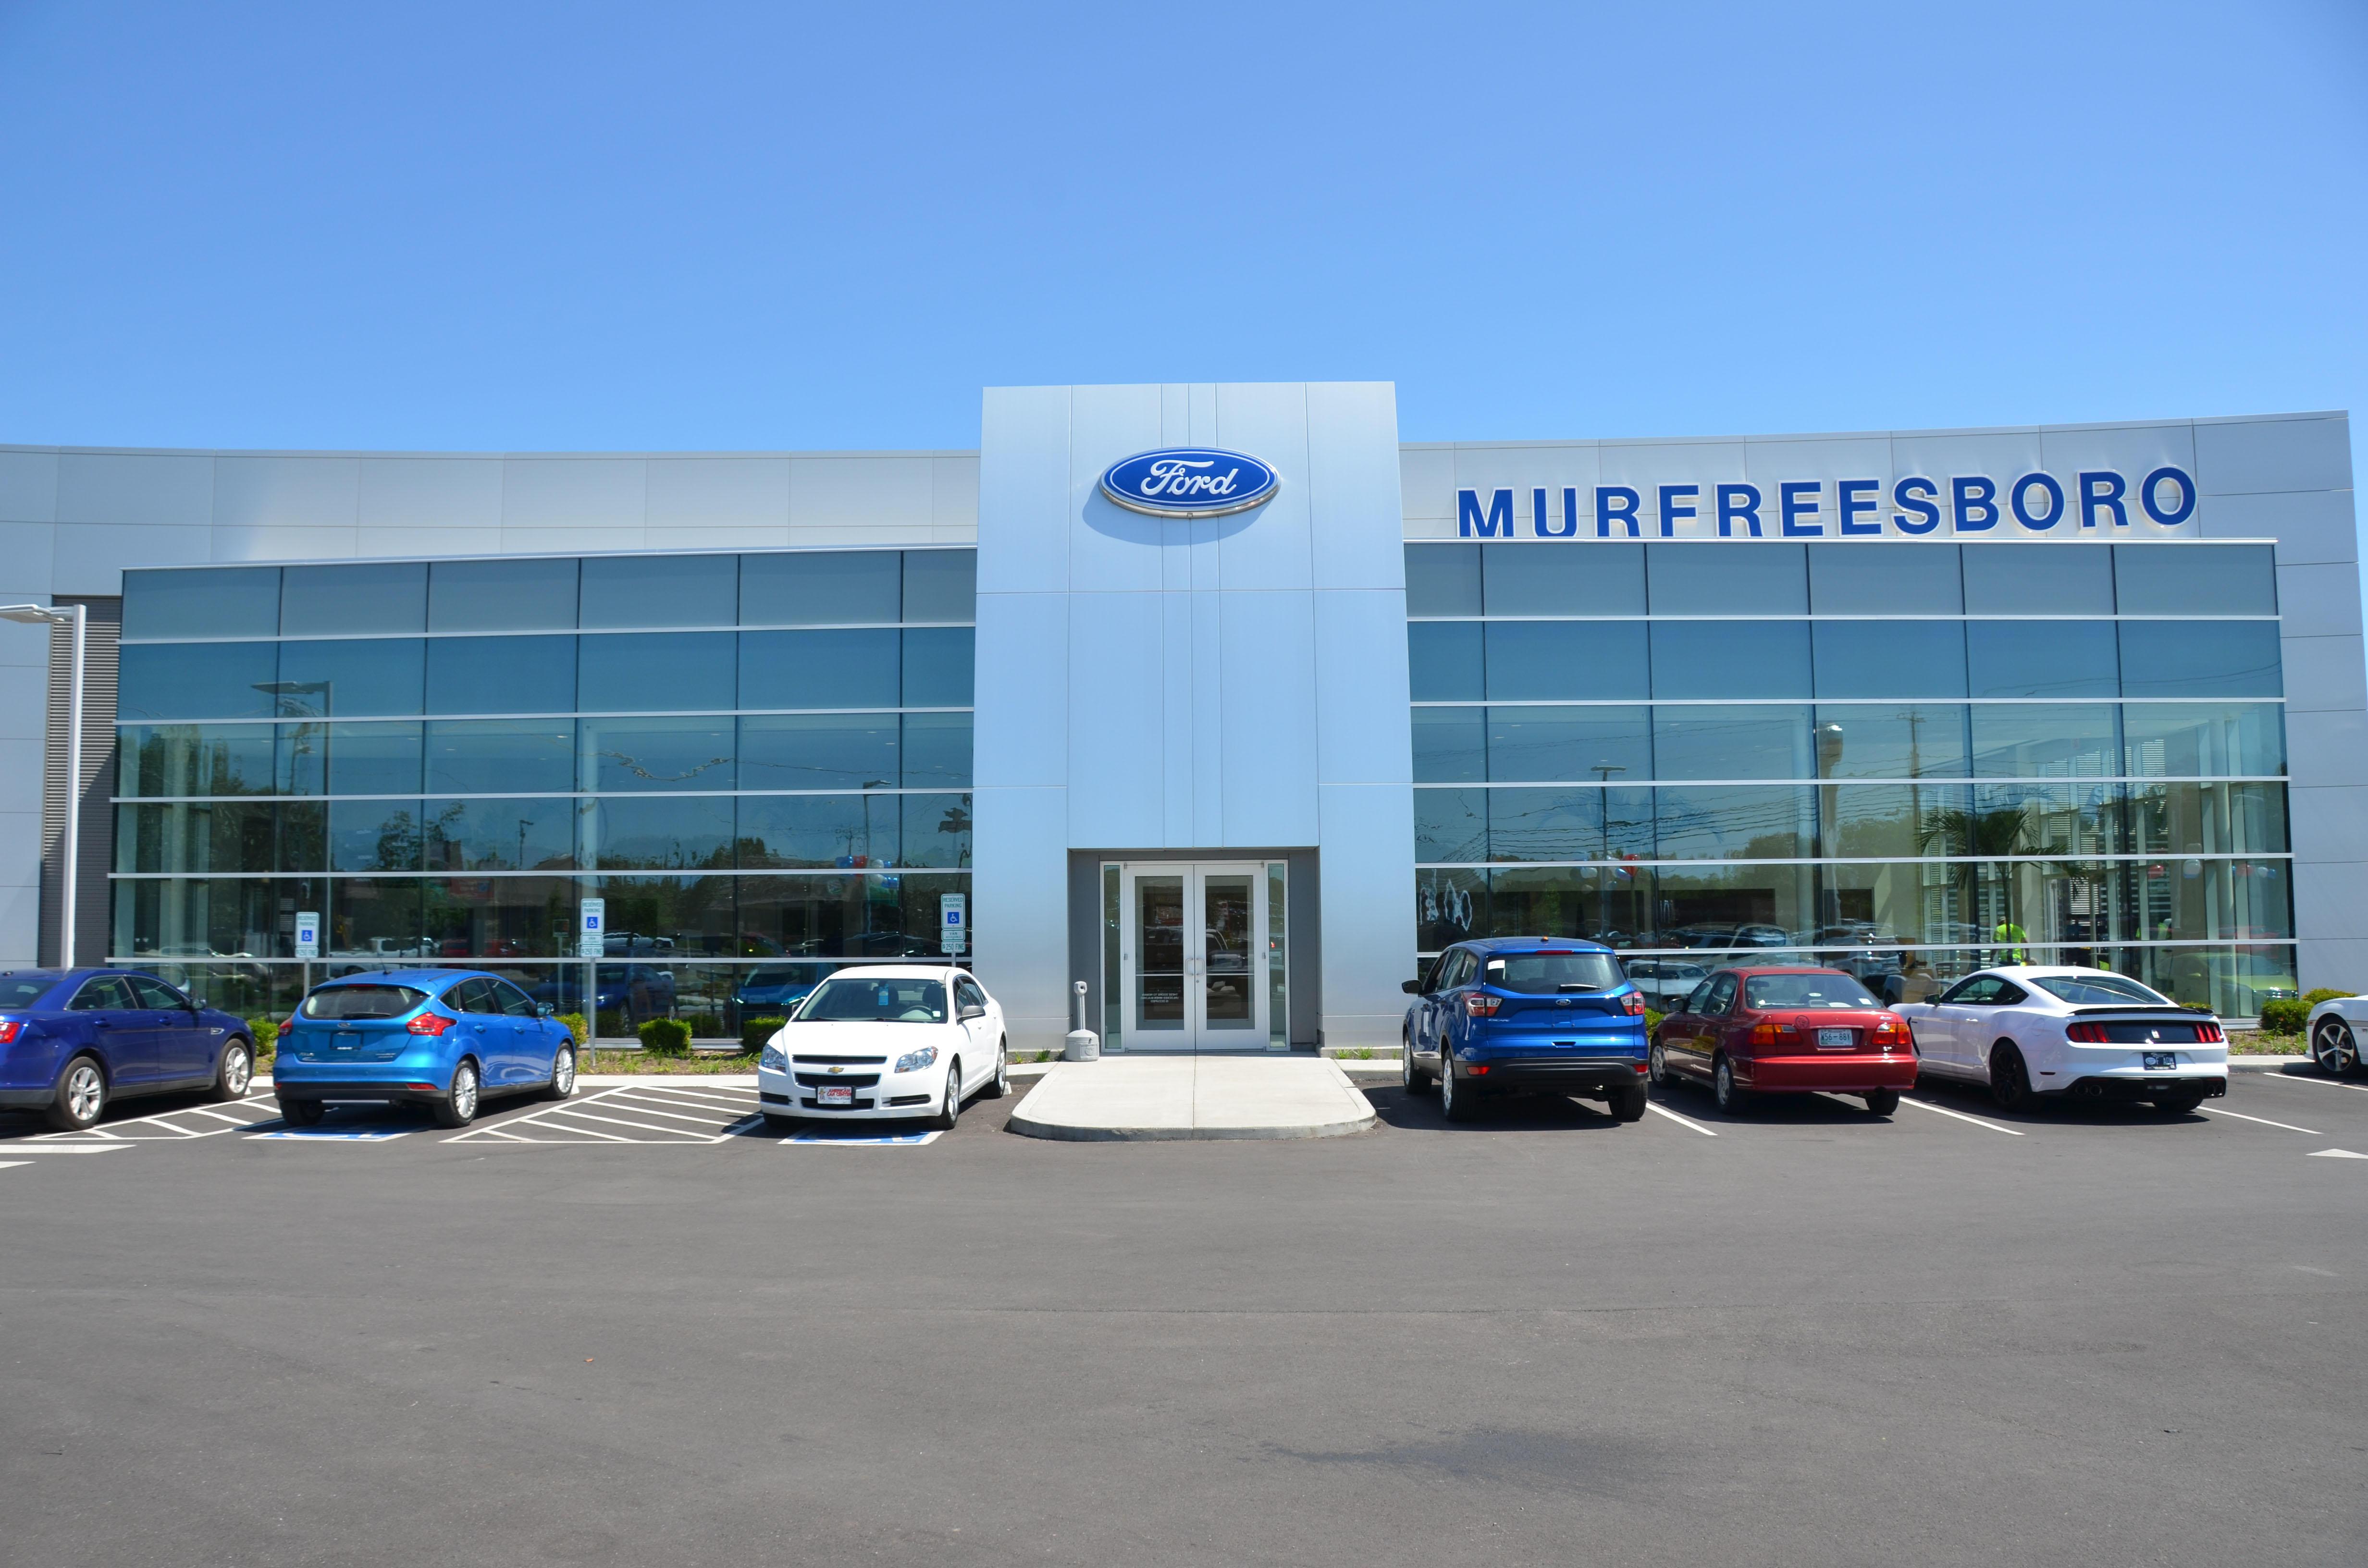 Ford Of Murfreesboro >> Ford Of Murfreesboro 1550 N W Broad Street Murfreesboro Tn Auto